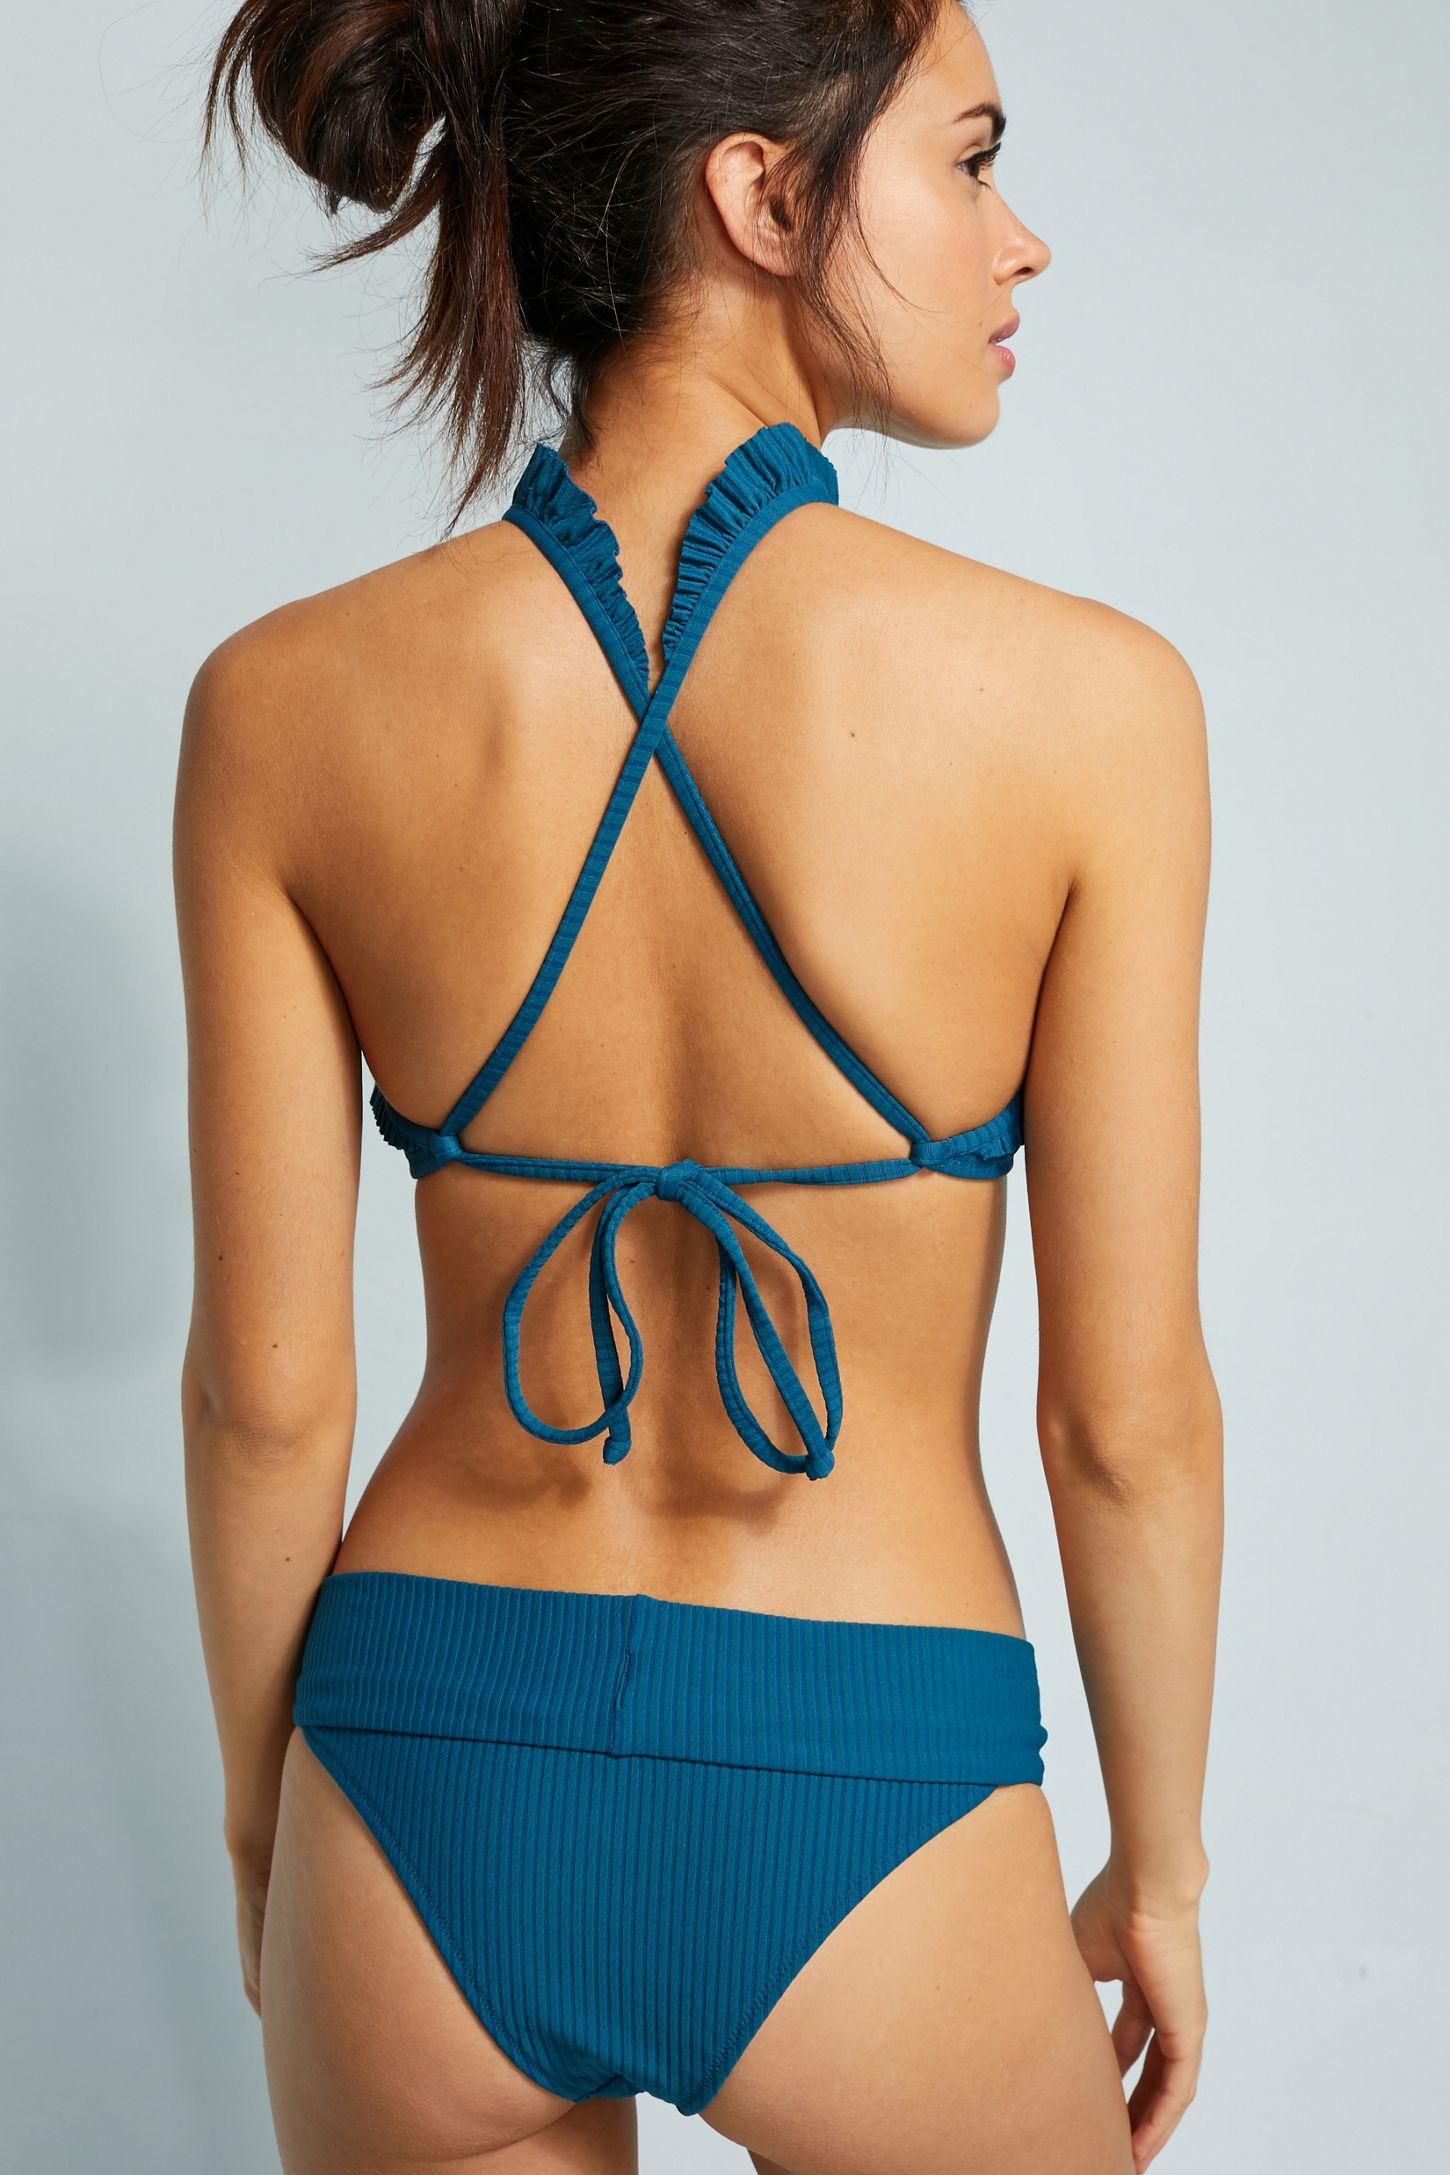 Jeu Manchester Grande Vente Made By Dawn Haut de bikini Archer Nice Vente En Ligne Prédédouanement Ordre meilleur hNmw9hMj7